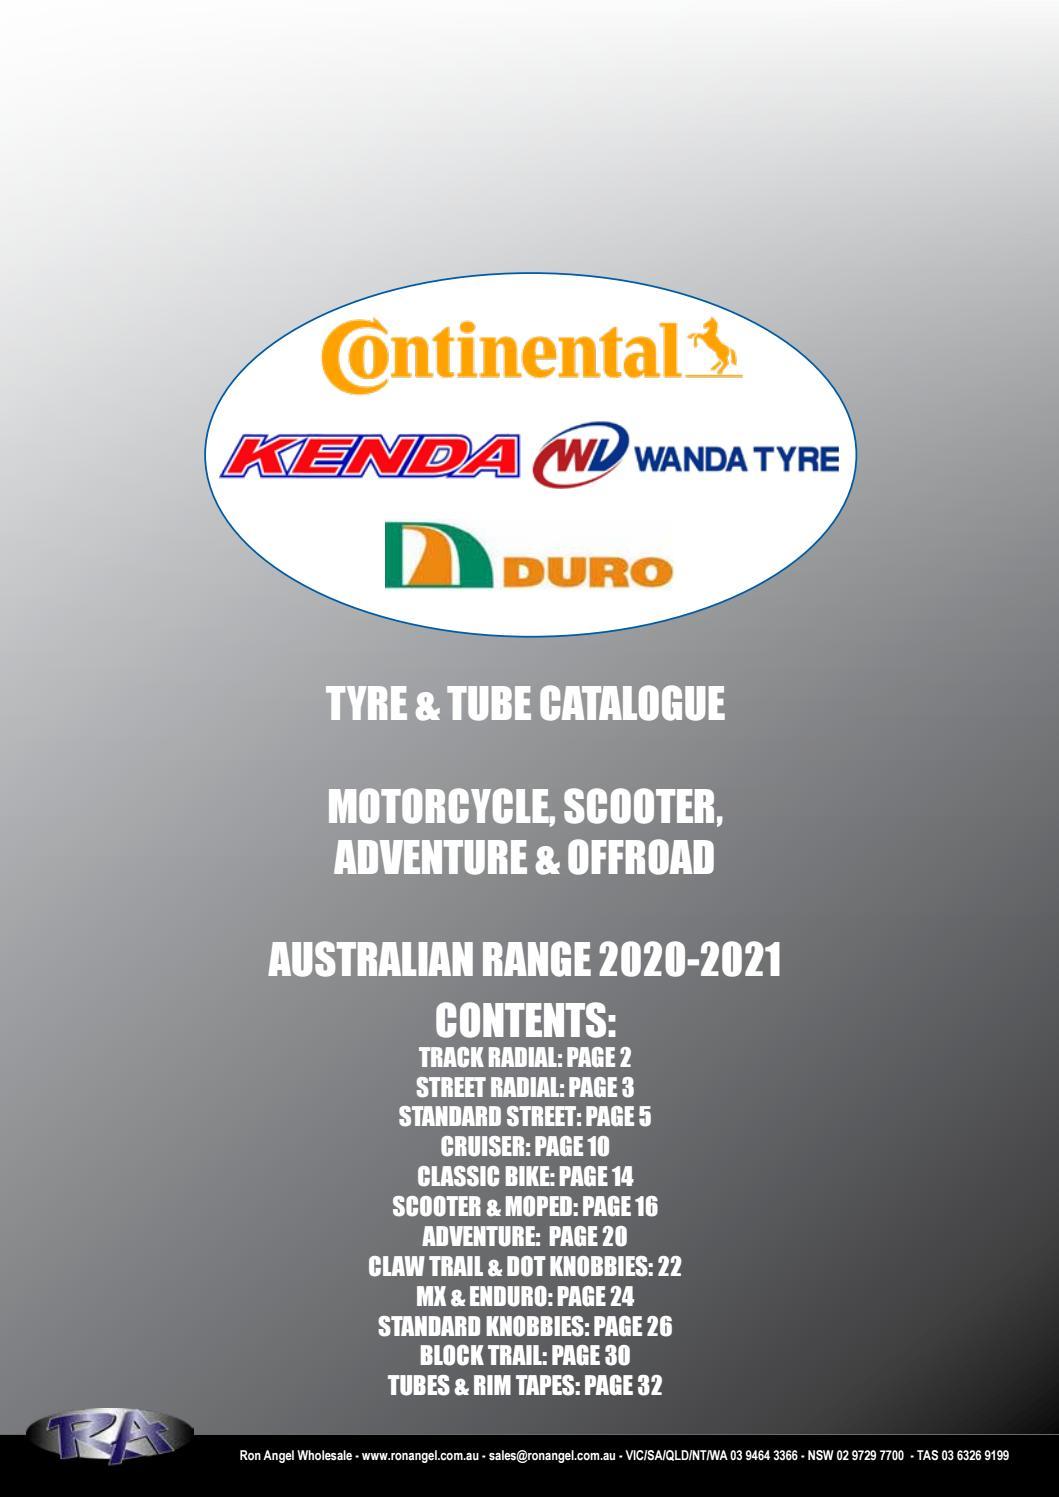 225-250-19 Kenda Motorcycle Tube TR-4